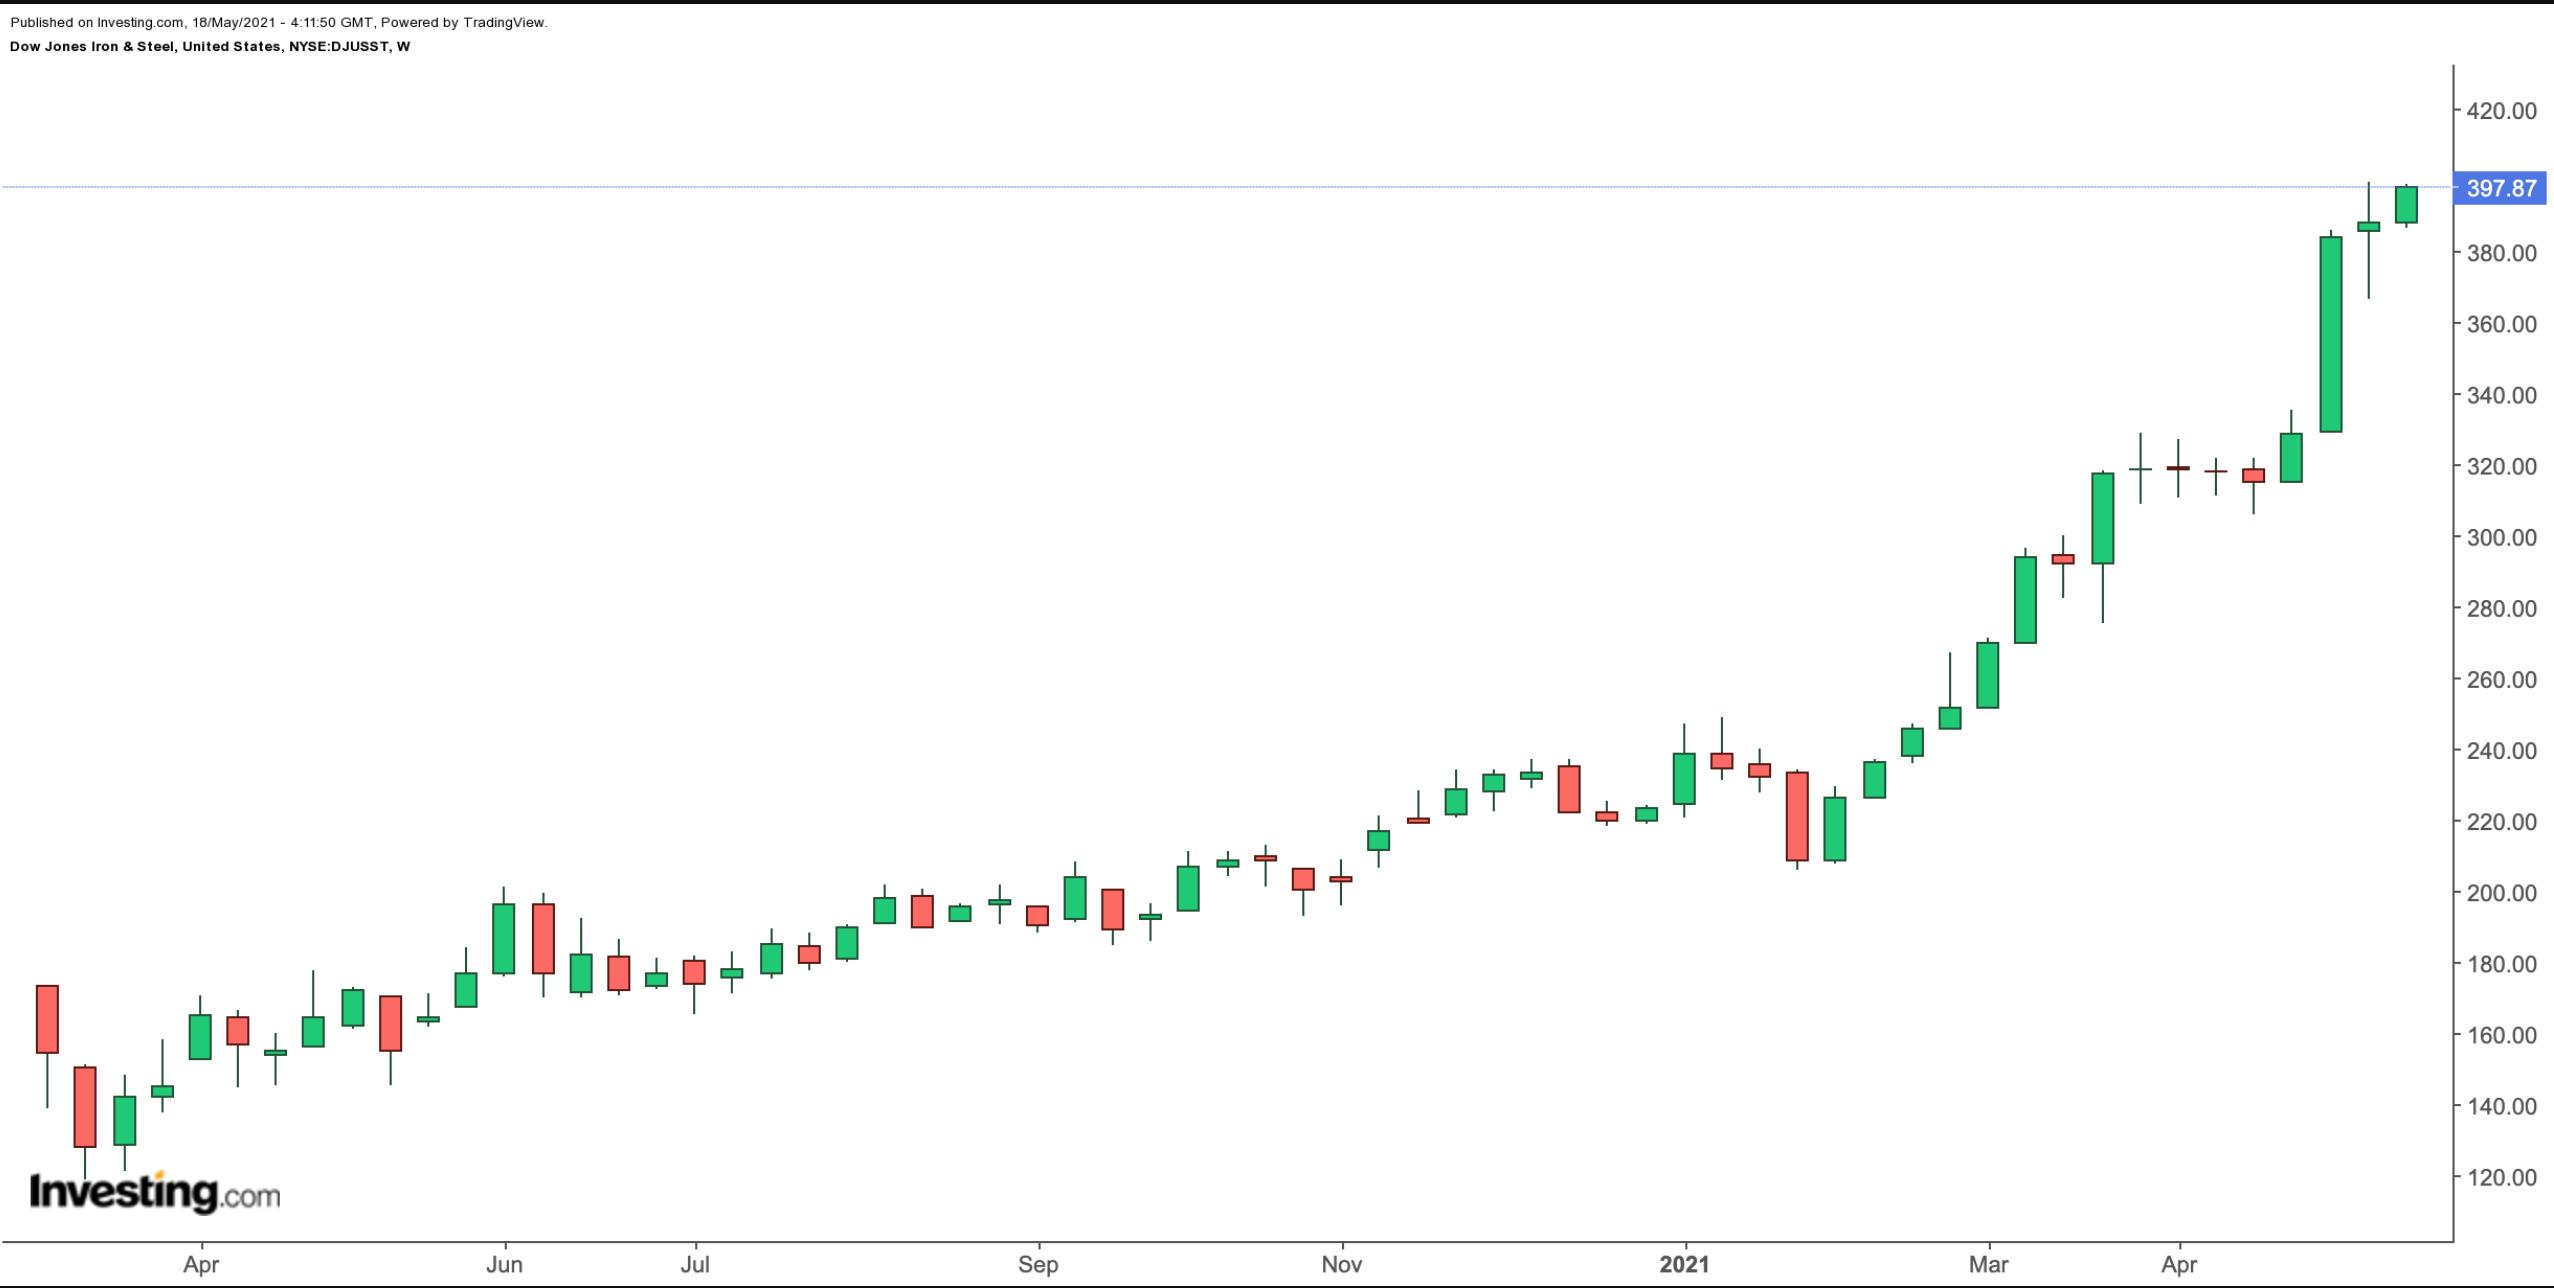 Dow Jones Iron & Steel